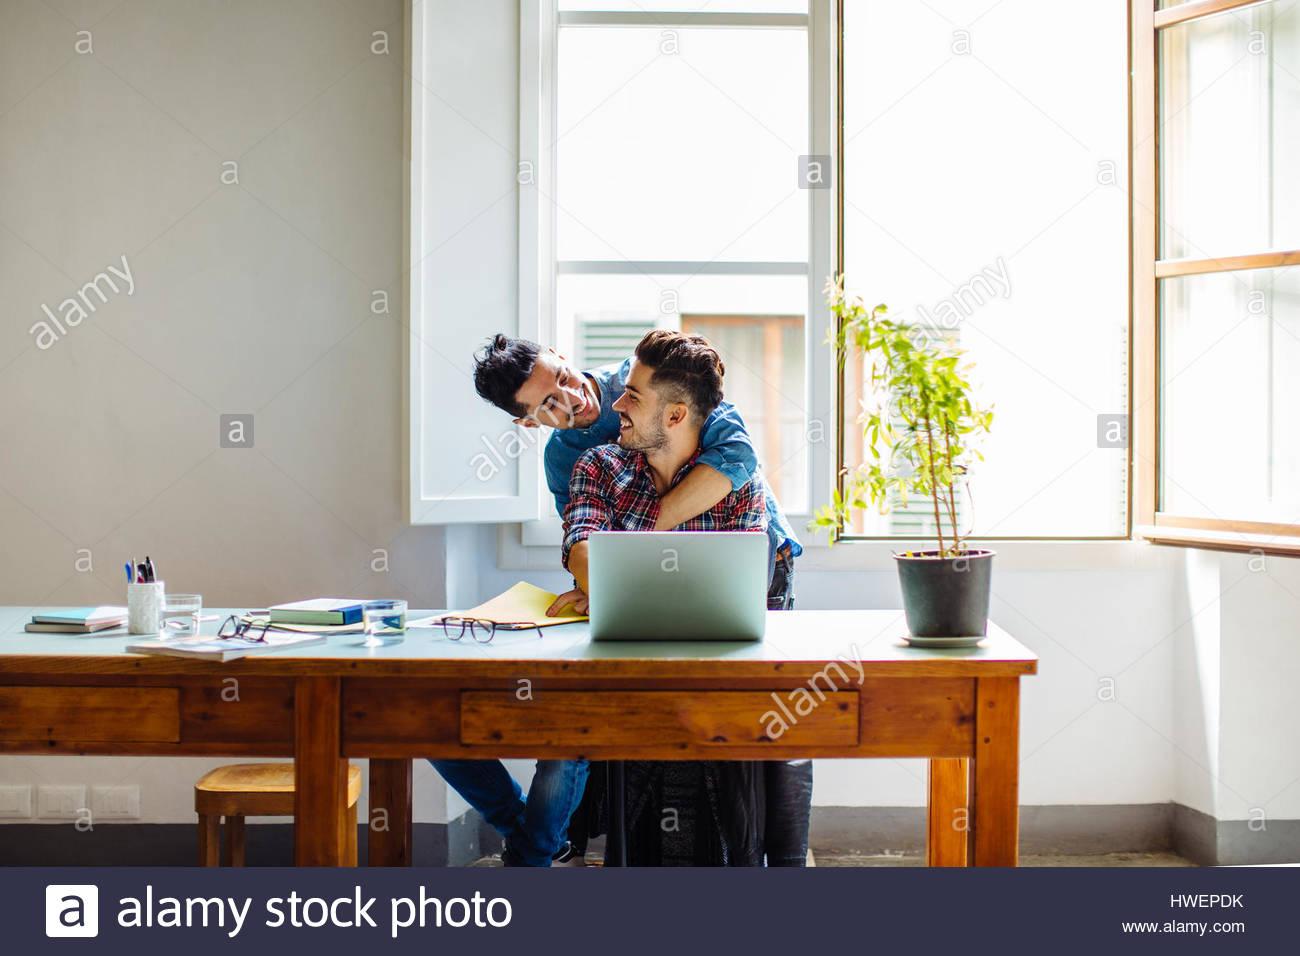 Pareja masculina en el hogar, el hombre sentado a la mesa con el portátil, socio abrazando a él Imagen De Stock